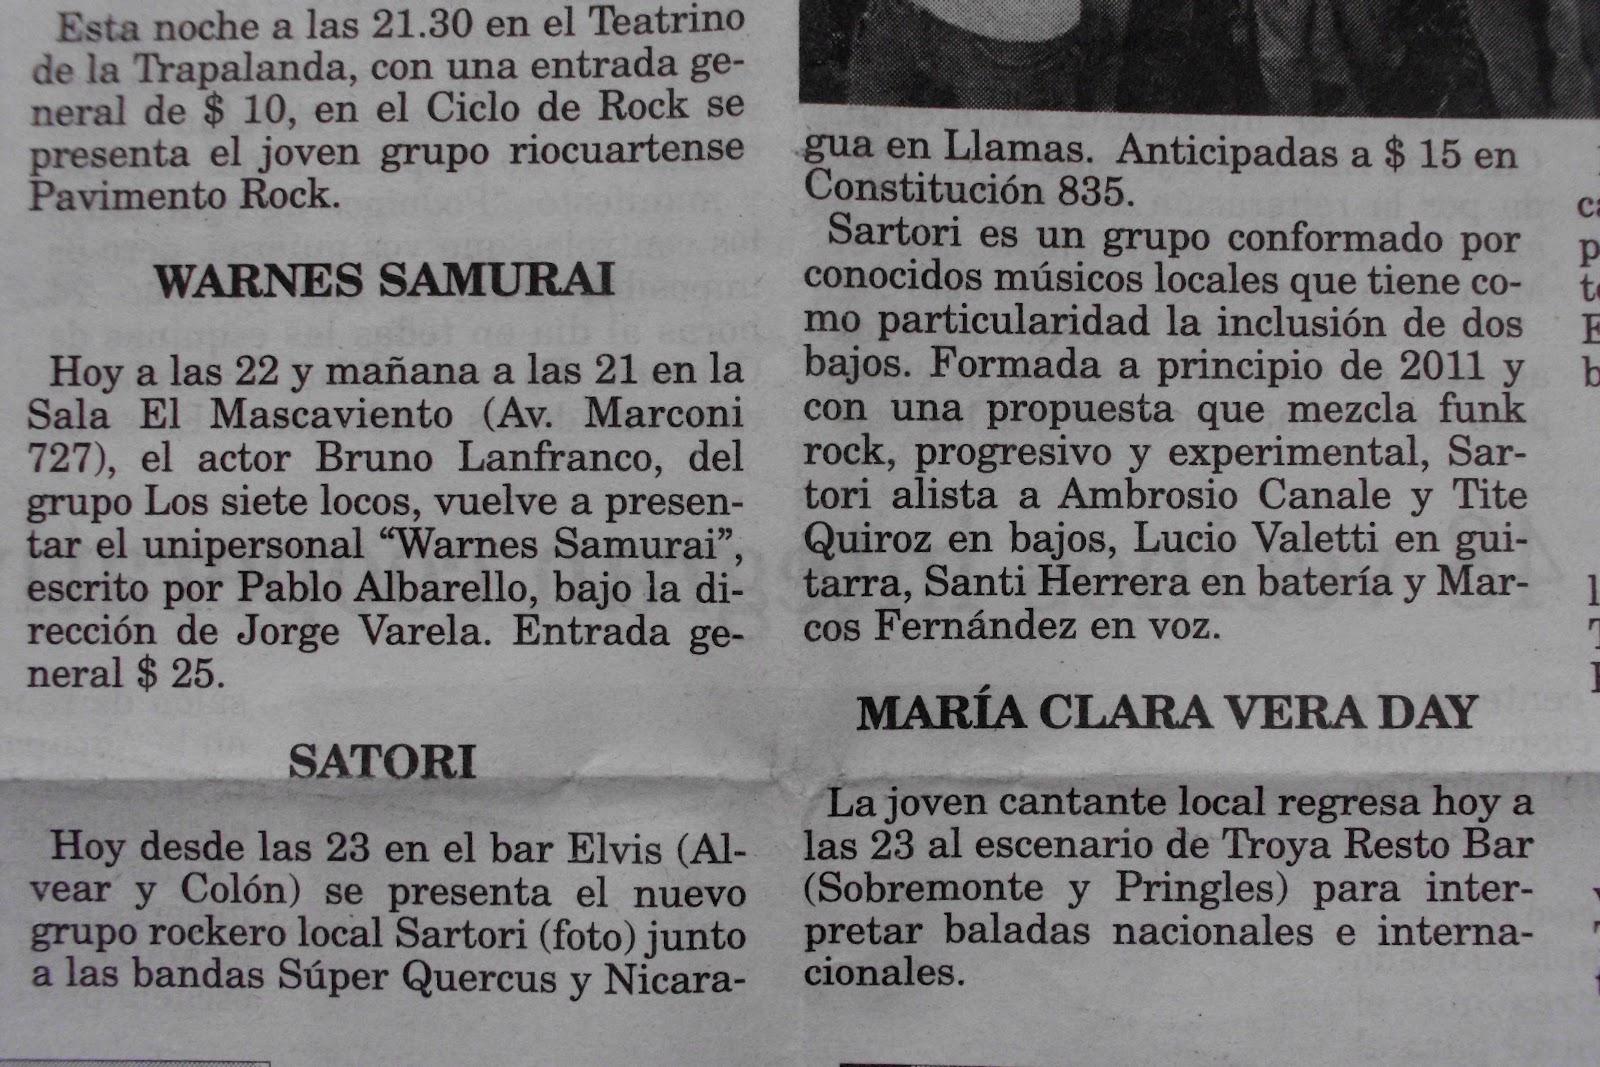 Proyecto Rock Río Cuarto: Diario Puntal - Debut Satori 2011